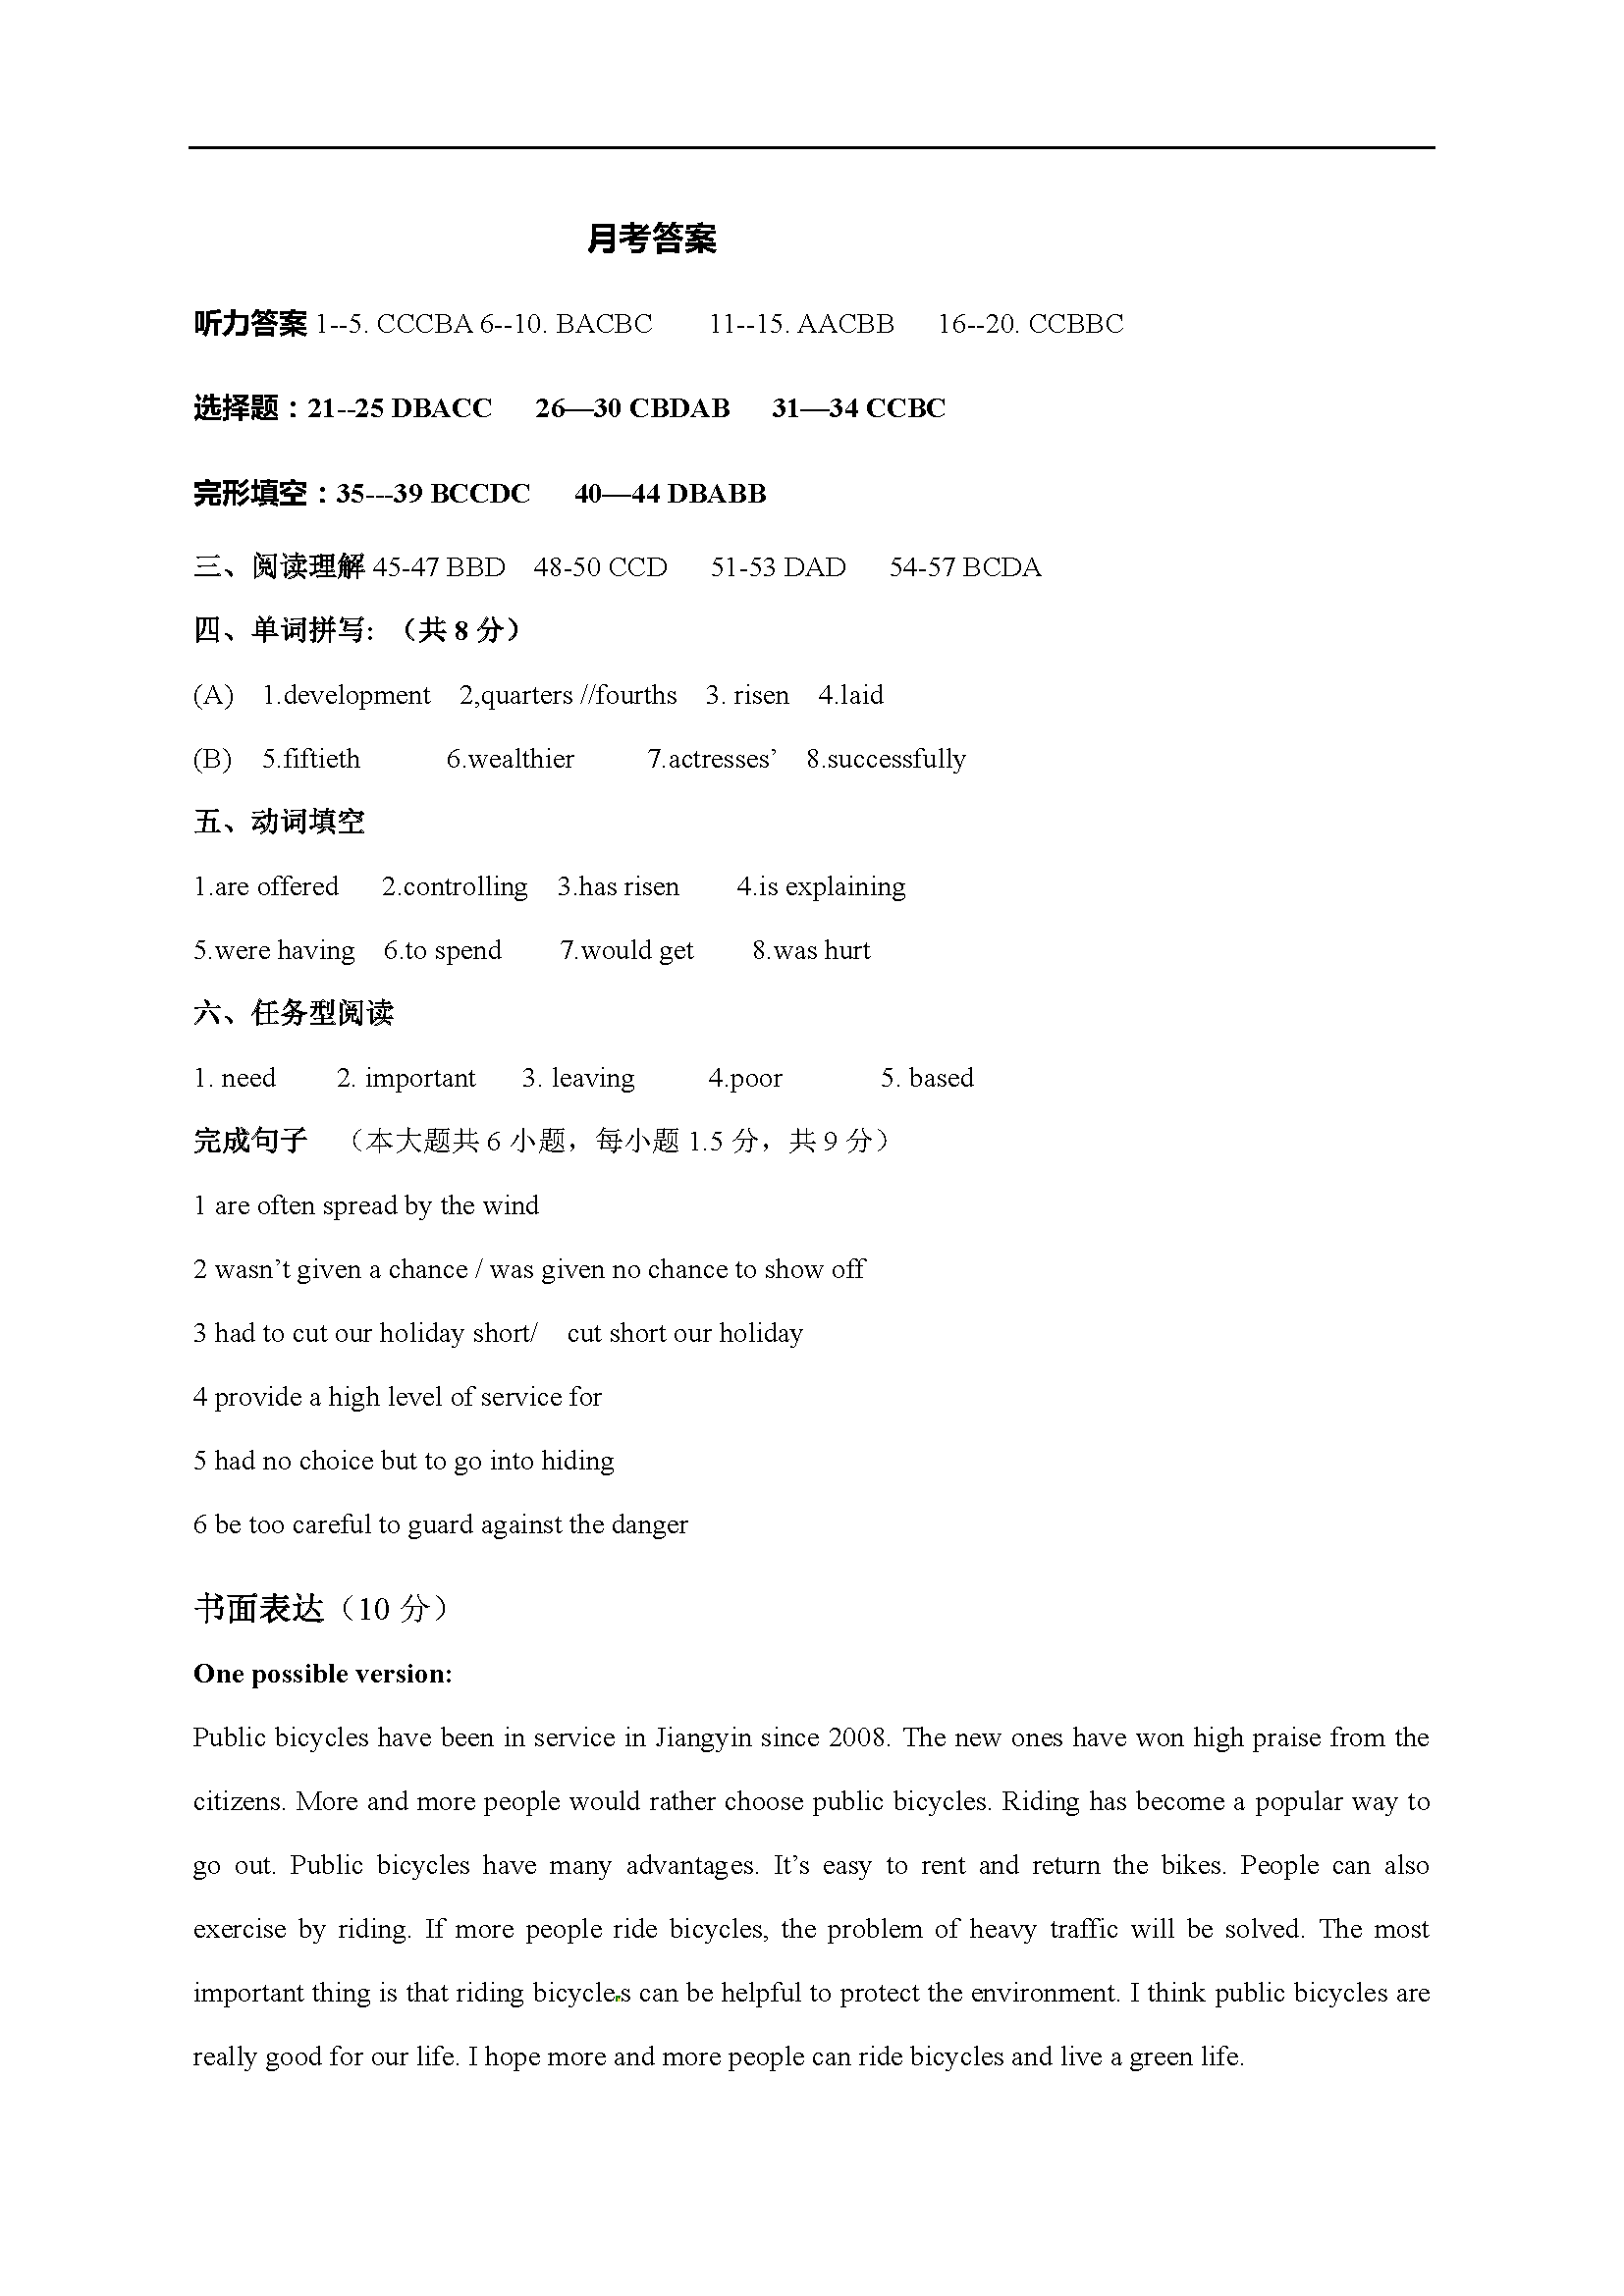 2017江苏无锡华士实验中学九年级下第一次阶段检测英语试题答案(图片版)